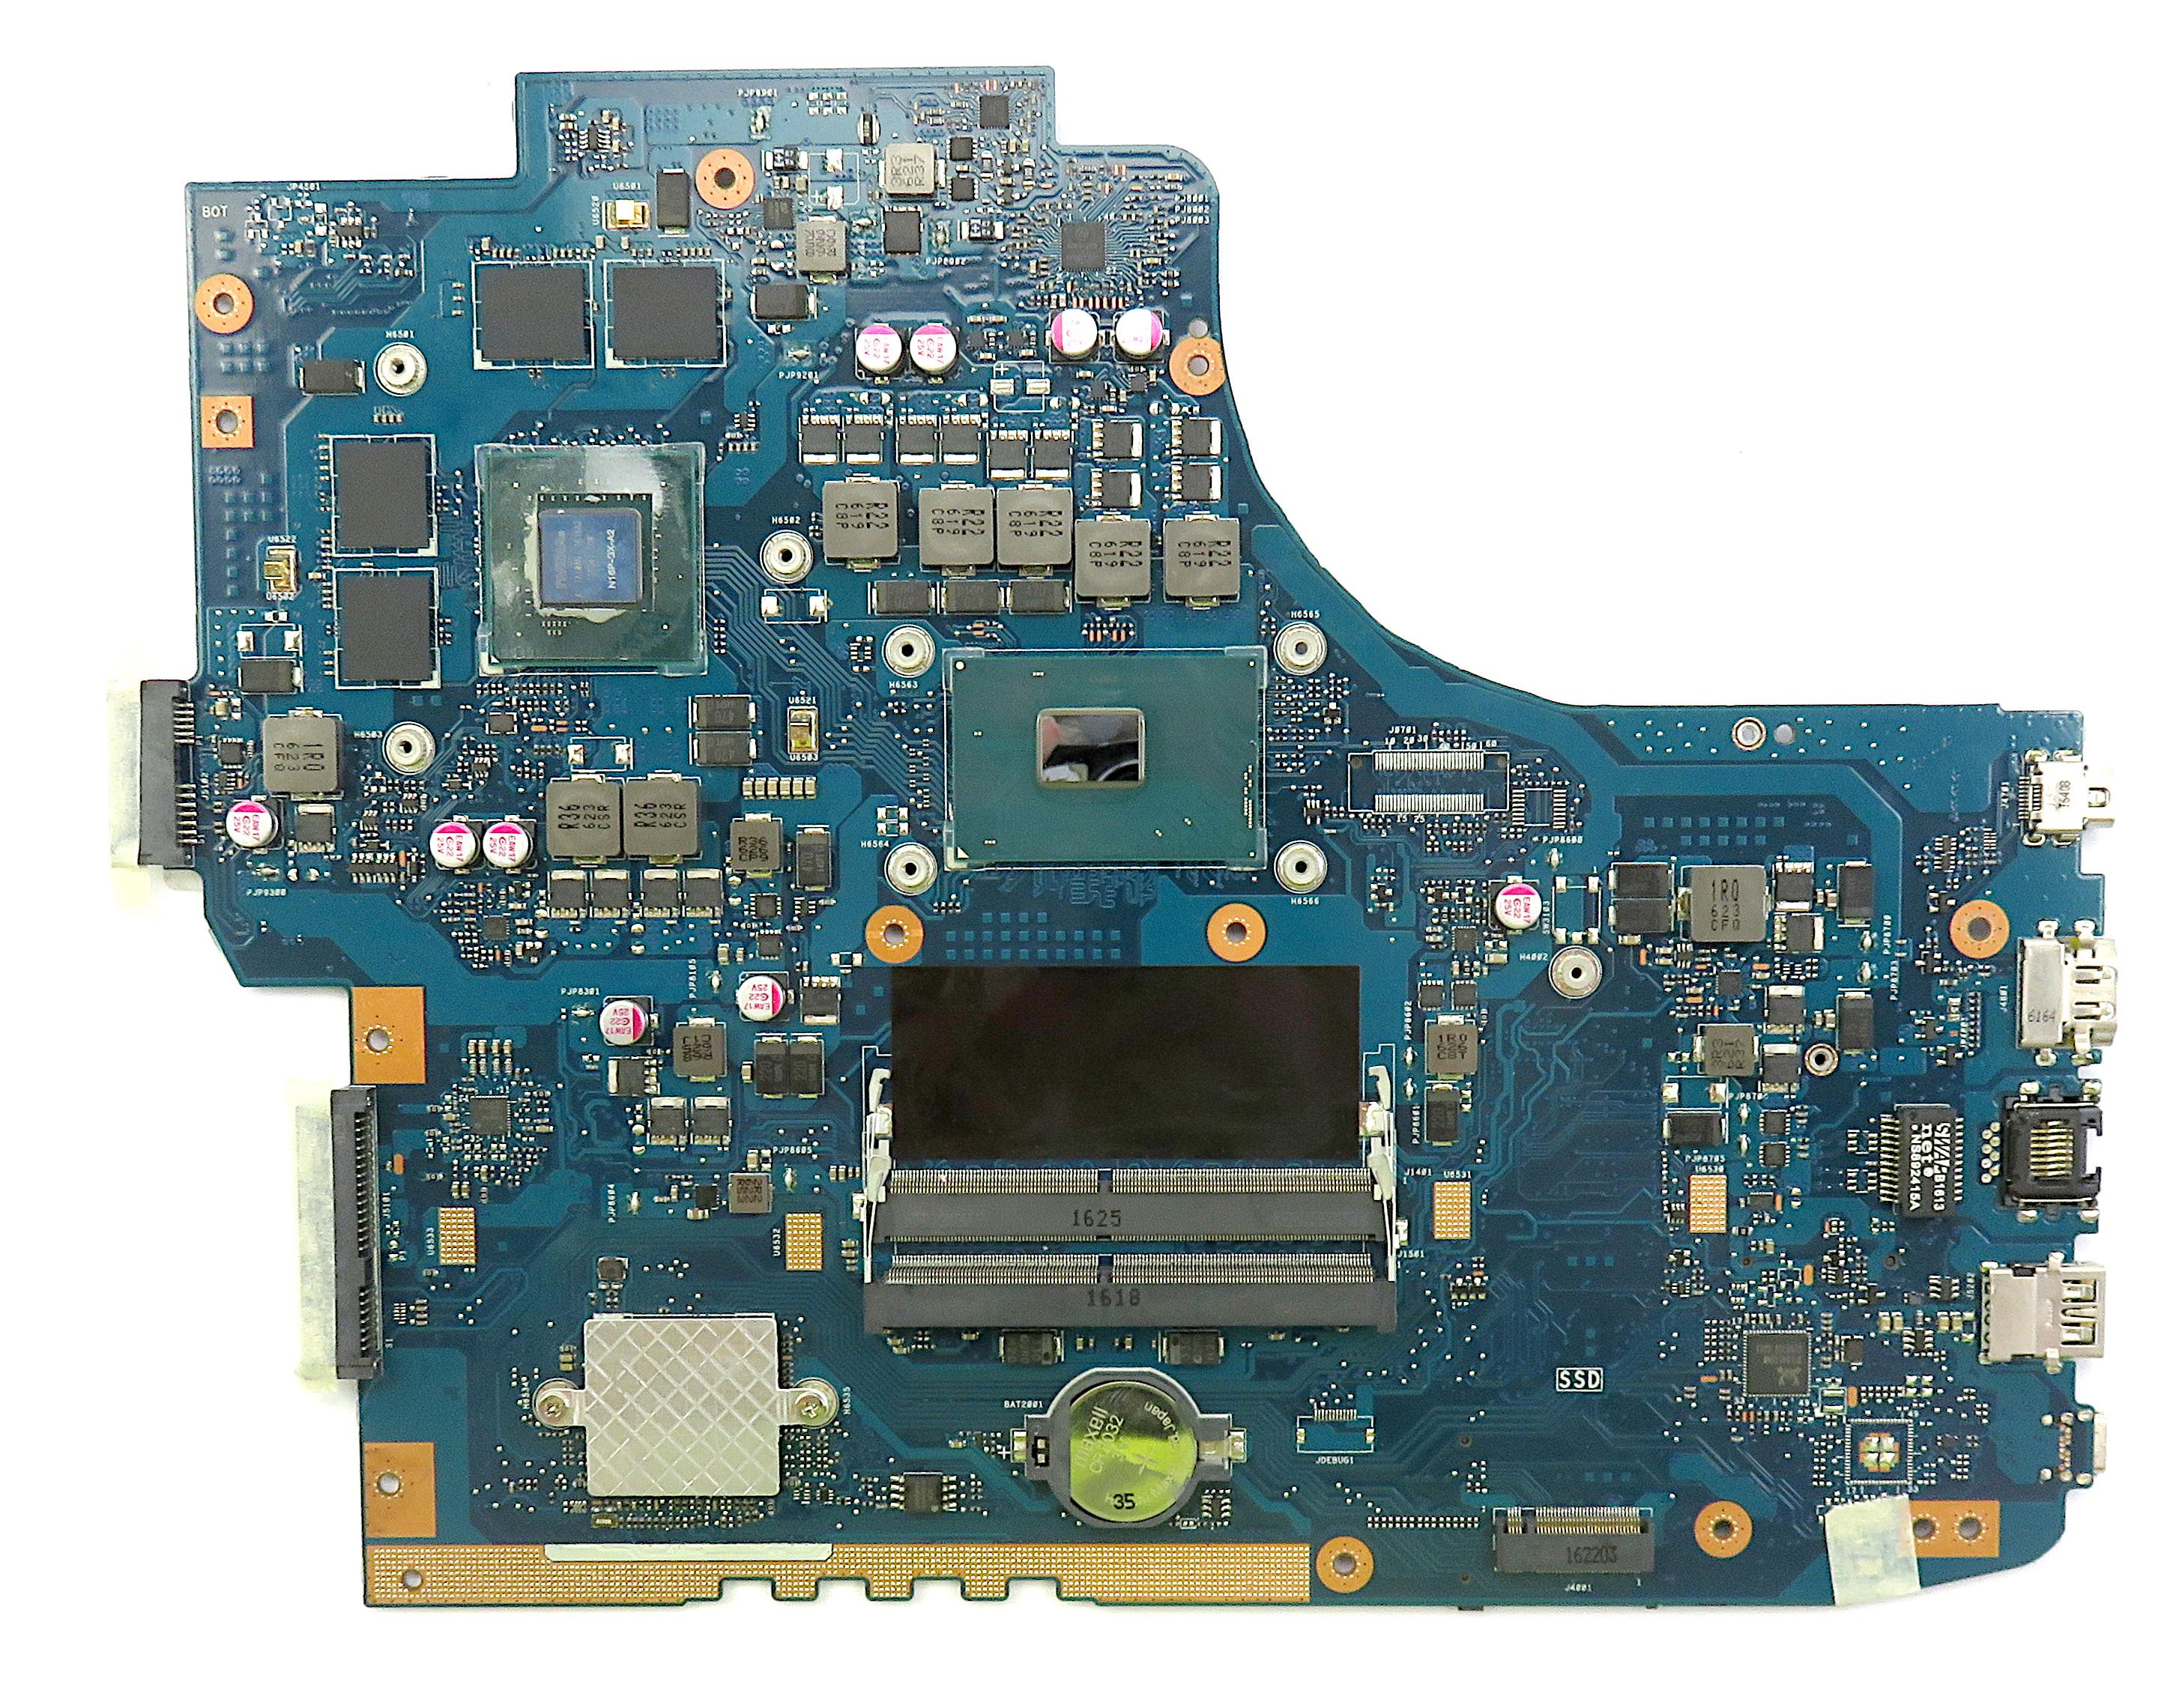 Asus GL752VW Motherboard 60NB0A40-MB1401 w/ i7-6700HQ + Nvidia GTX 960M 2GB